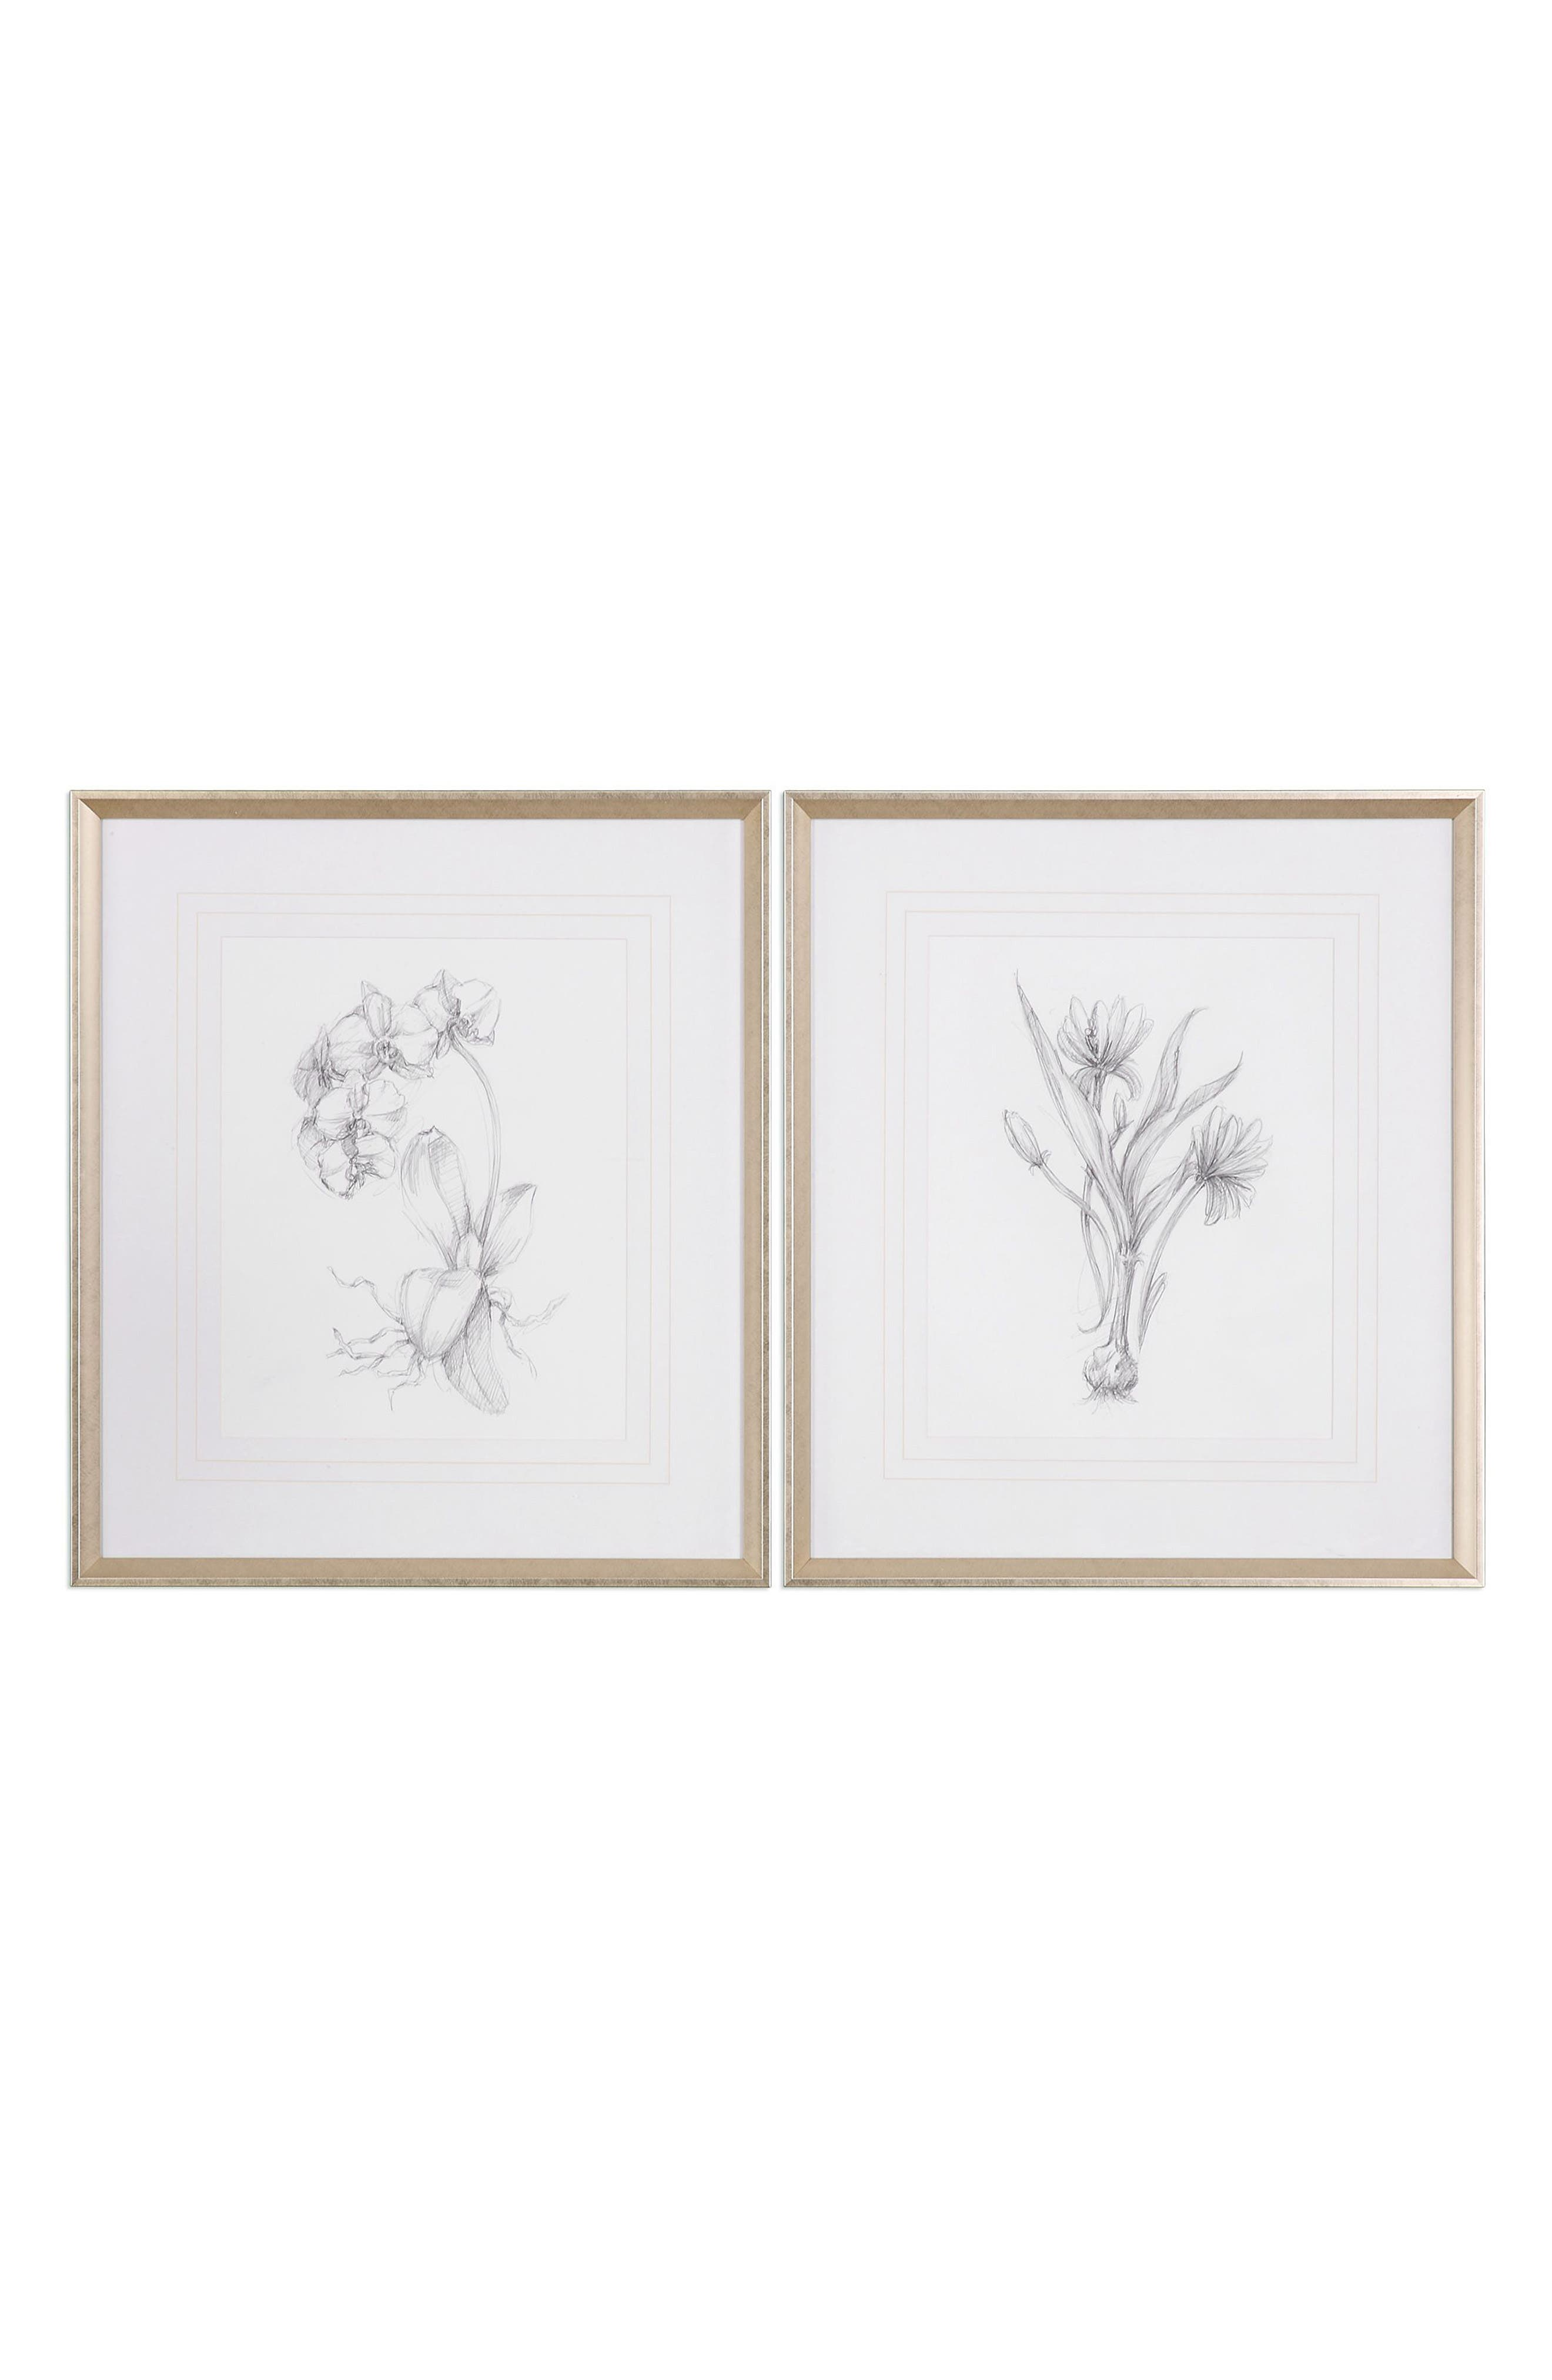 Main Image - Uttermost Botanical Sketch Set of 2 Art Prints